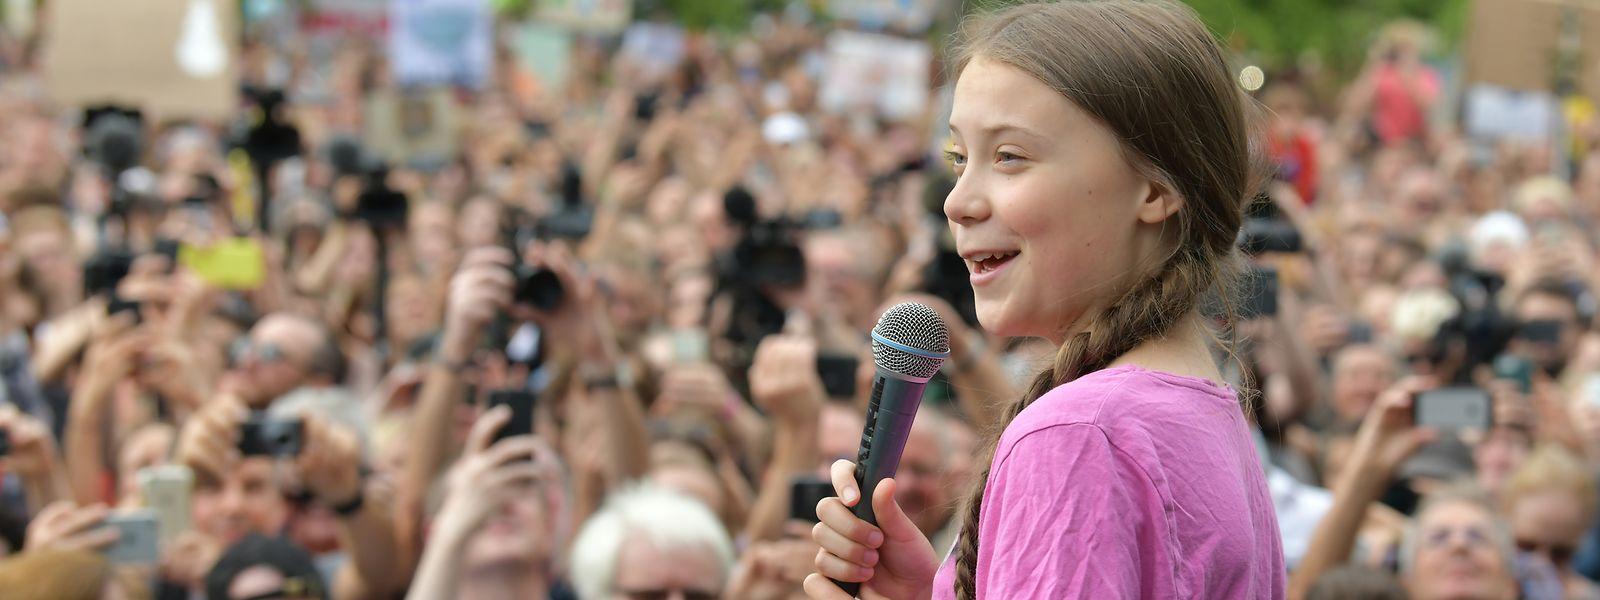 """Im Juli hatten Tausende Schüler zusammen mit der schwedischen Klima-Aktivistin Greta Thunberg an der """"Fridays for Future"""" Demonstration in Berlin teilgenommen."""